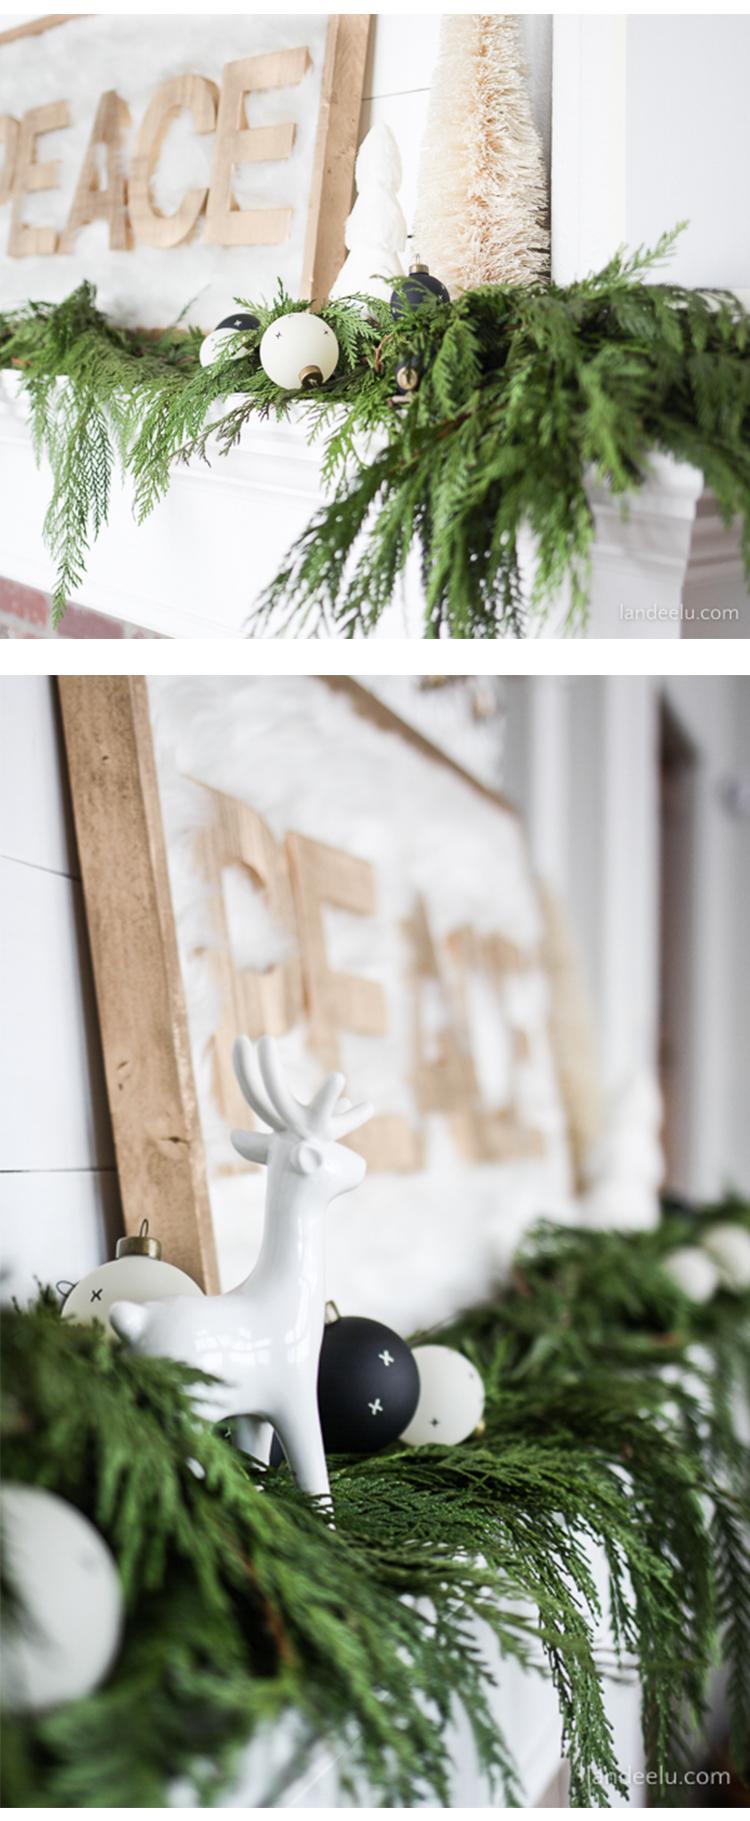 Christmas Mantel with Fresh Christmas Garland - landeelu.com